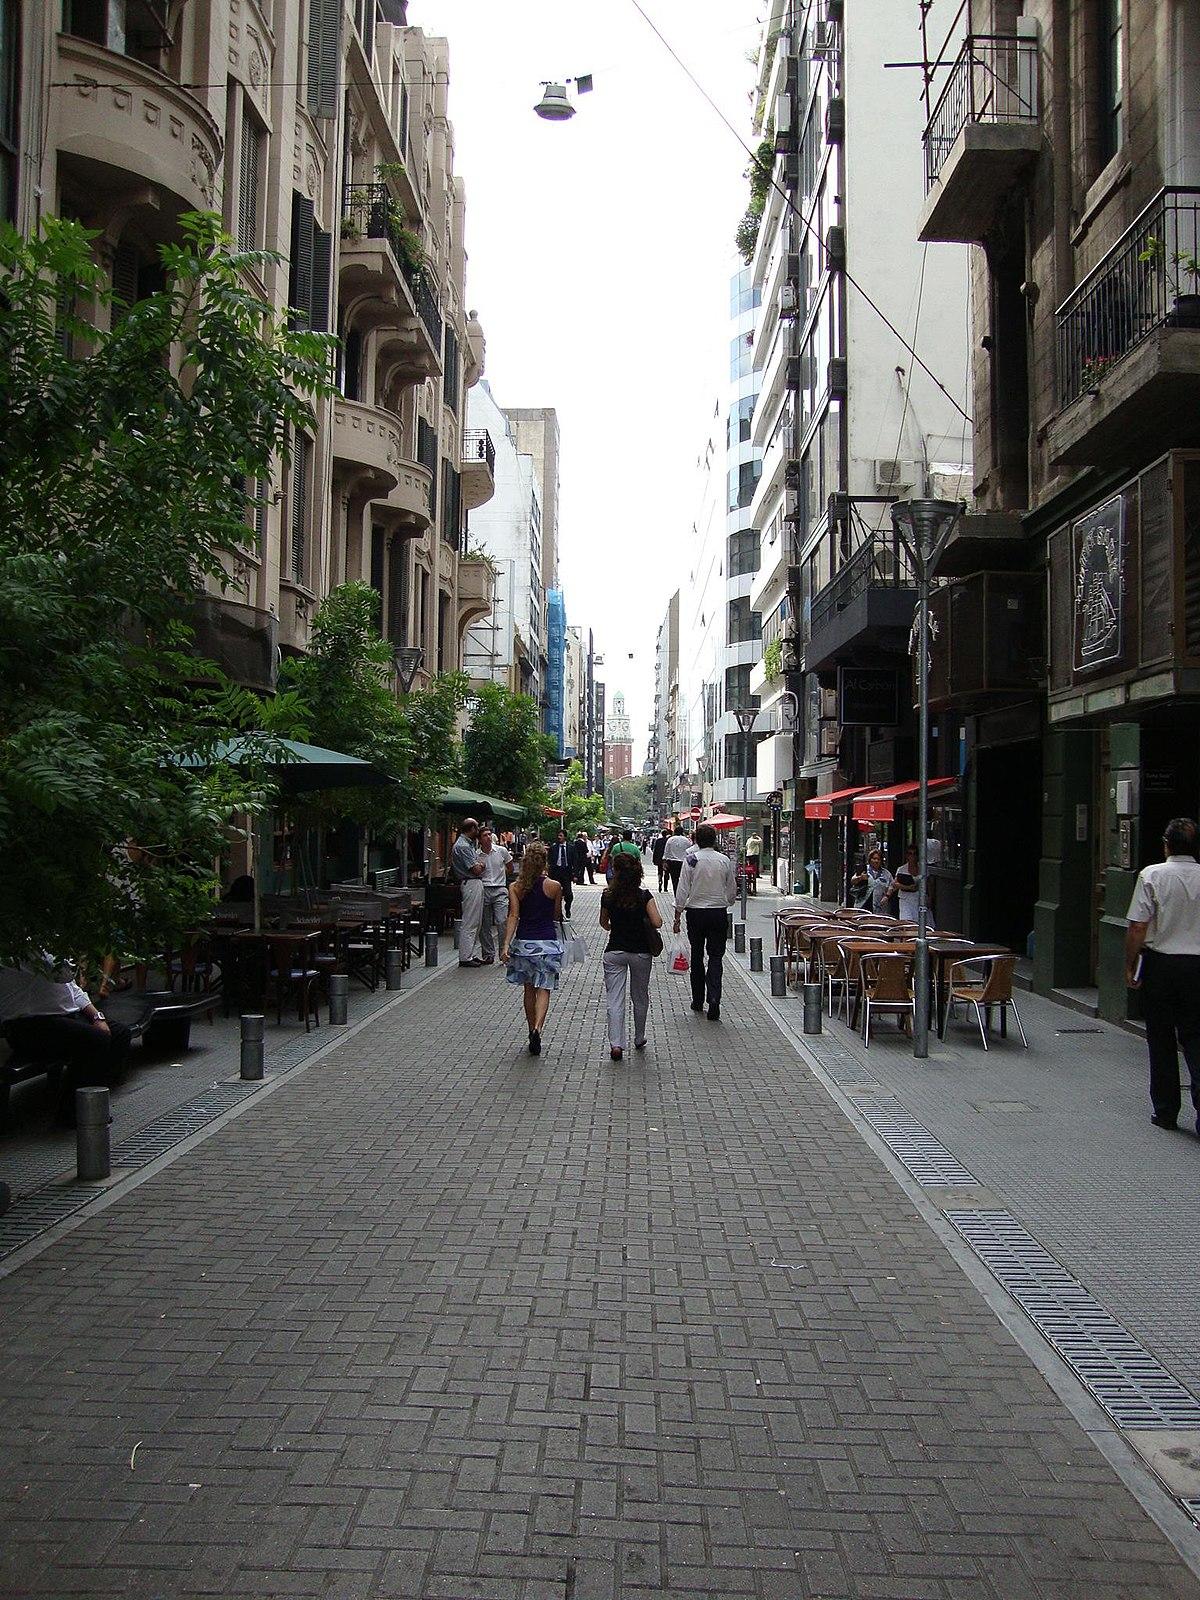 City Of San Leandro >> Calle Reconquista - Wikipedia, la enciclopedia libre